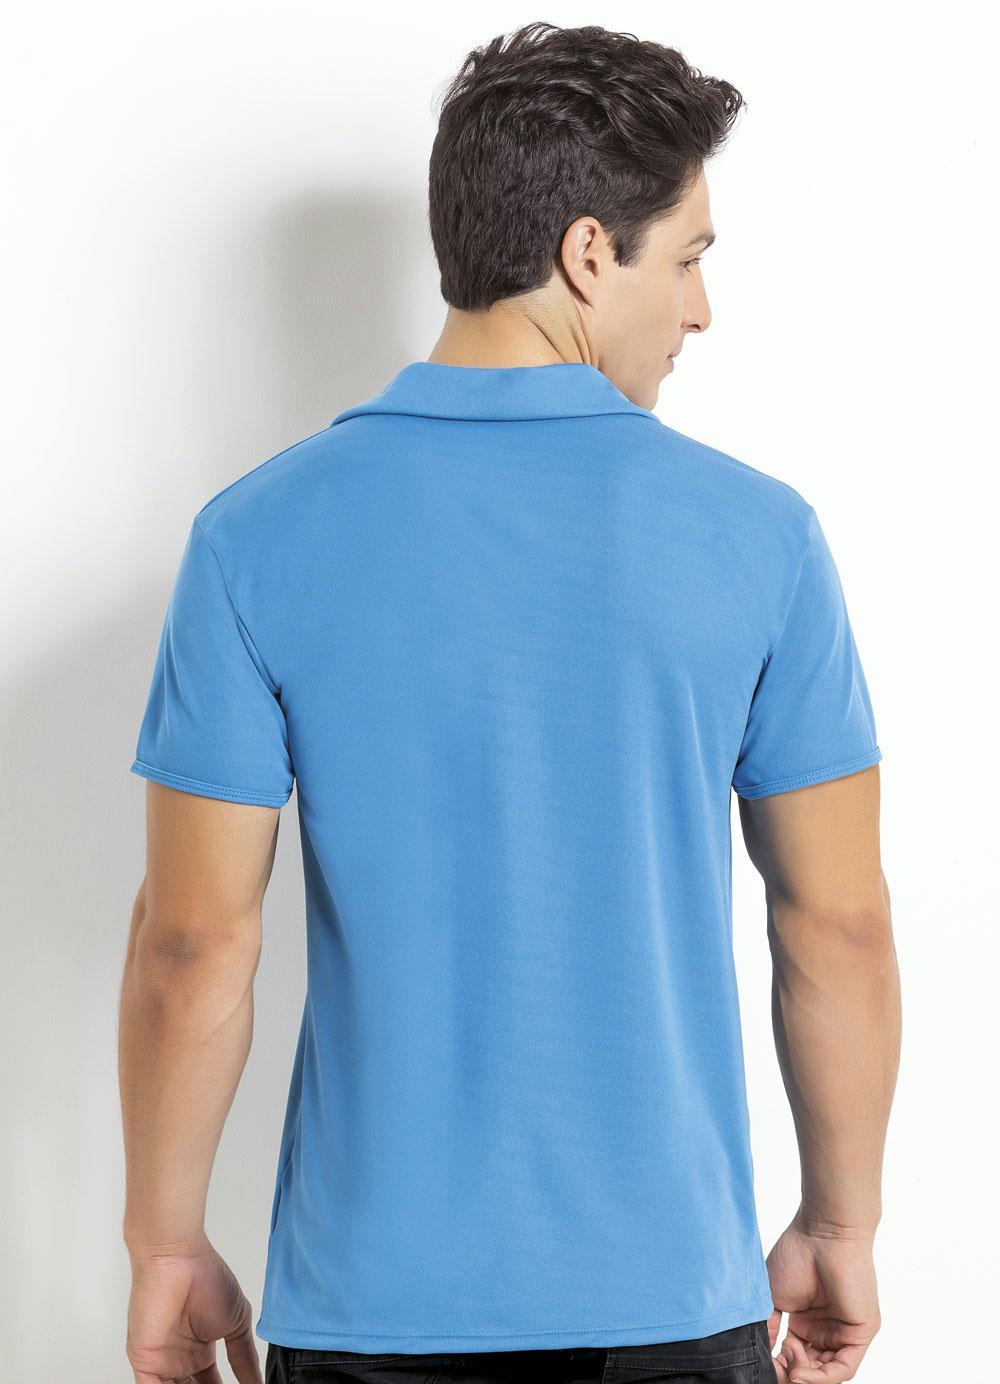 d5d9853695 Camisa Manga Curta Azul Gola Polo - Queima de Estoque